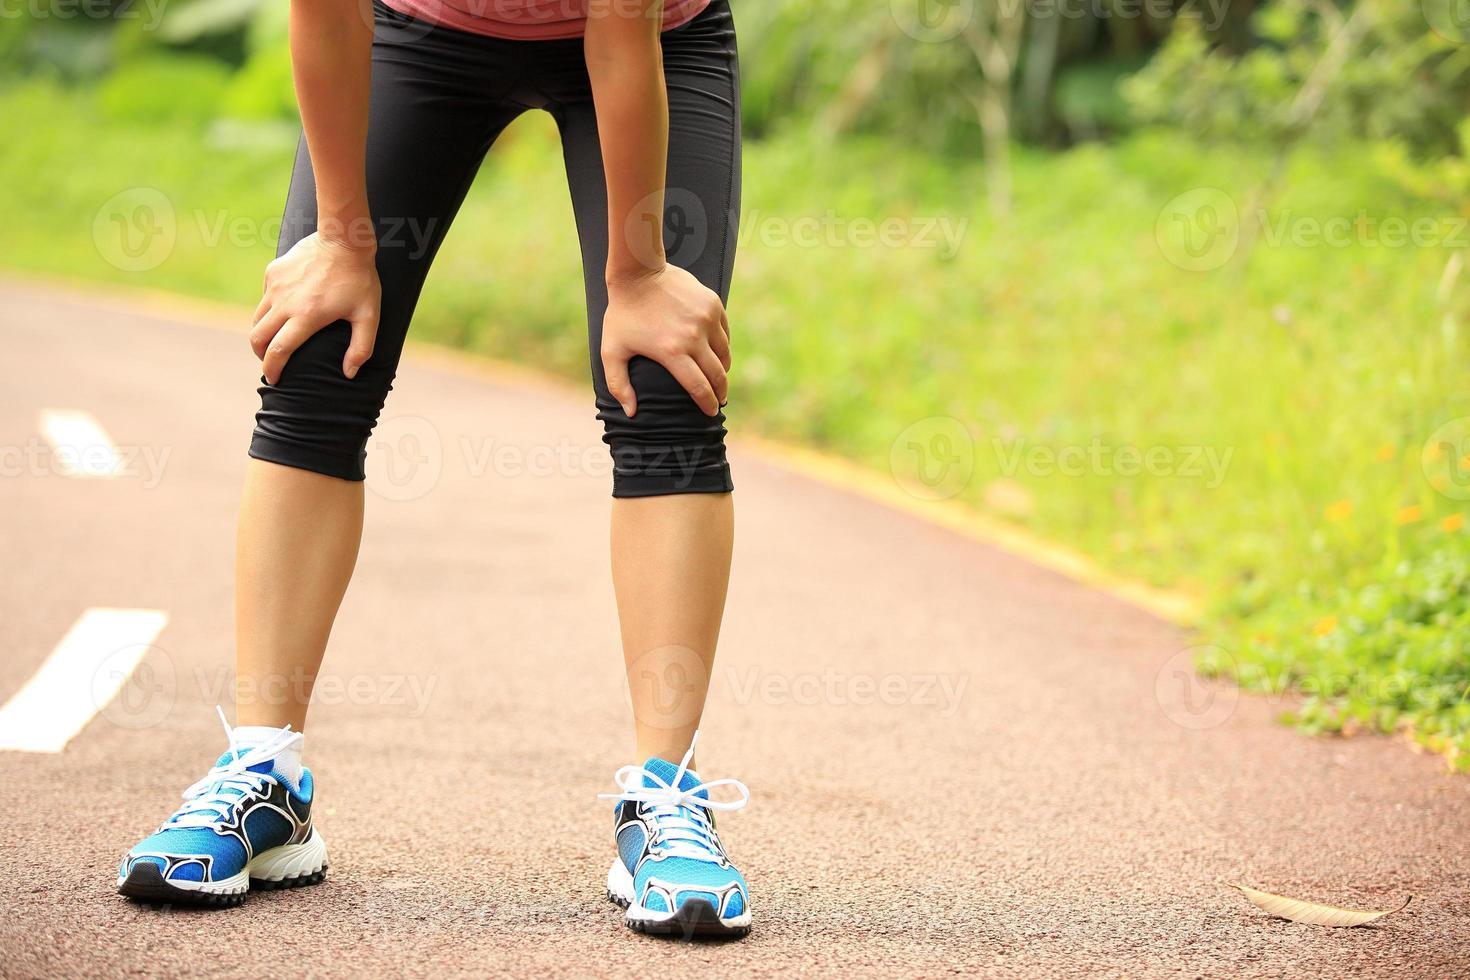 müde Läuferin ruhen sich aus, nachdem sie hart gelaufen ist foto